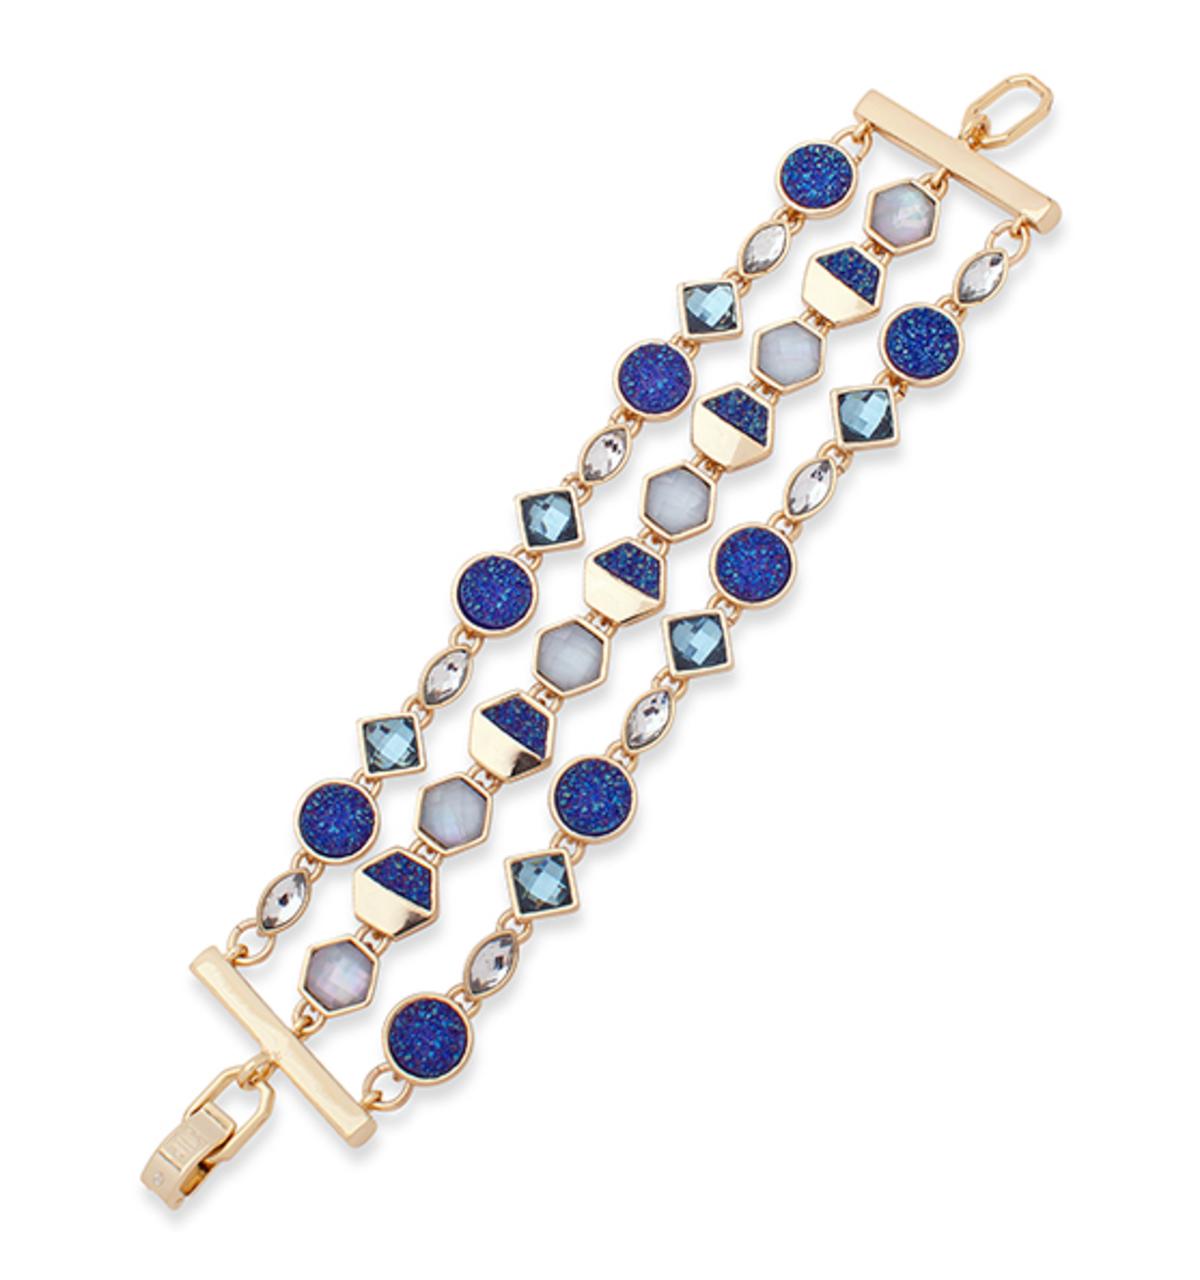 Chrystie 3 row flex bracelet